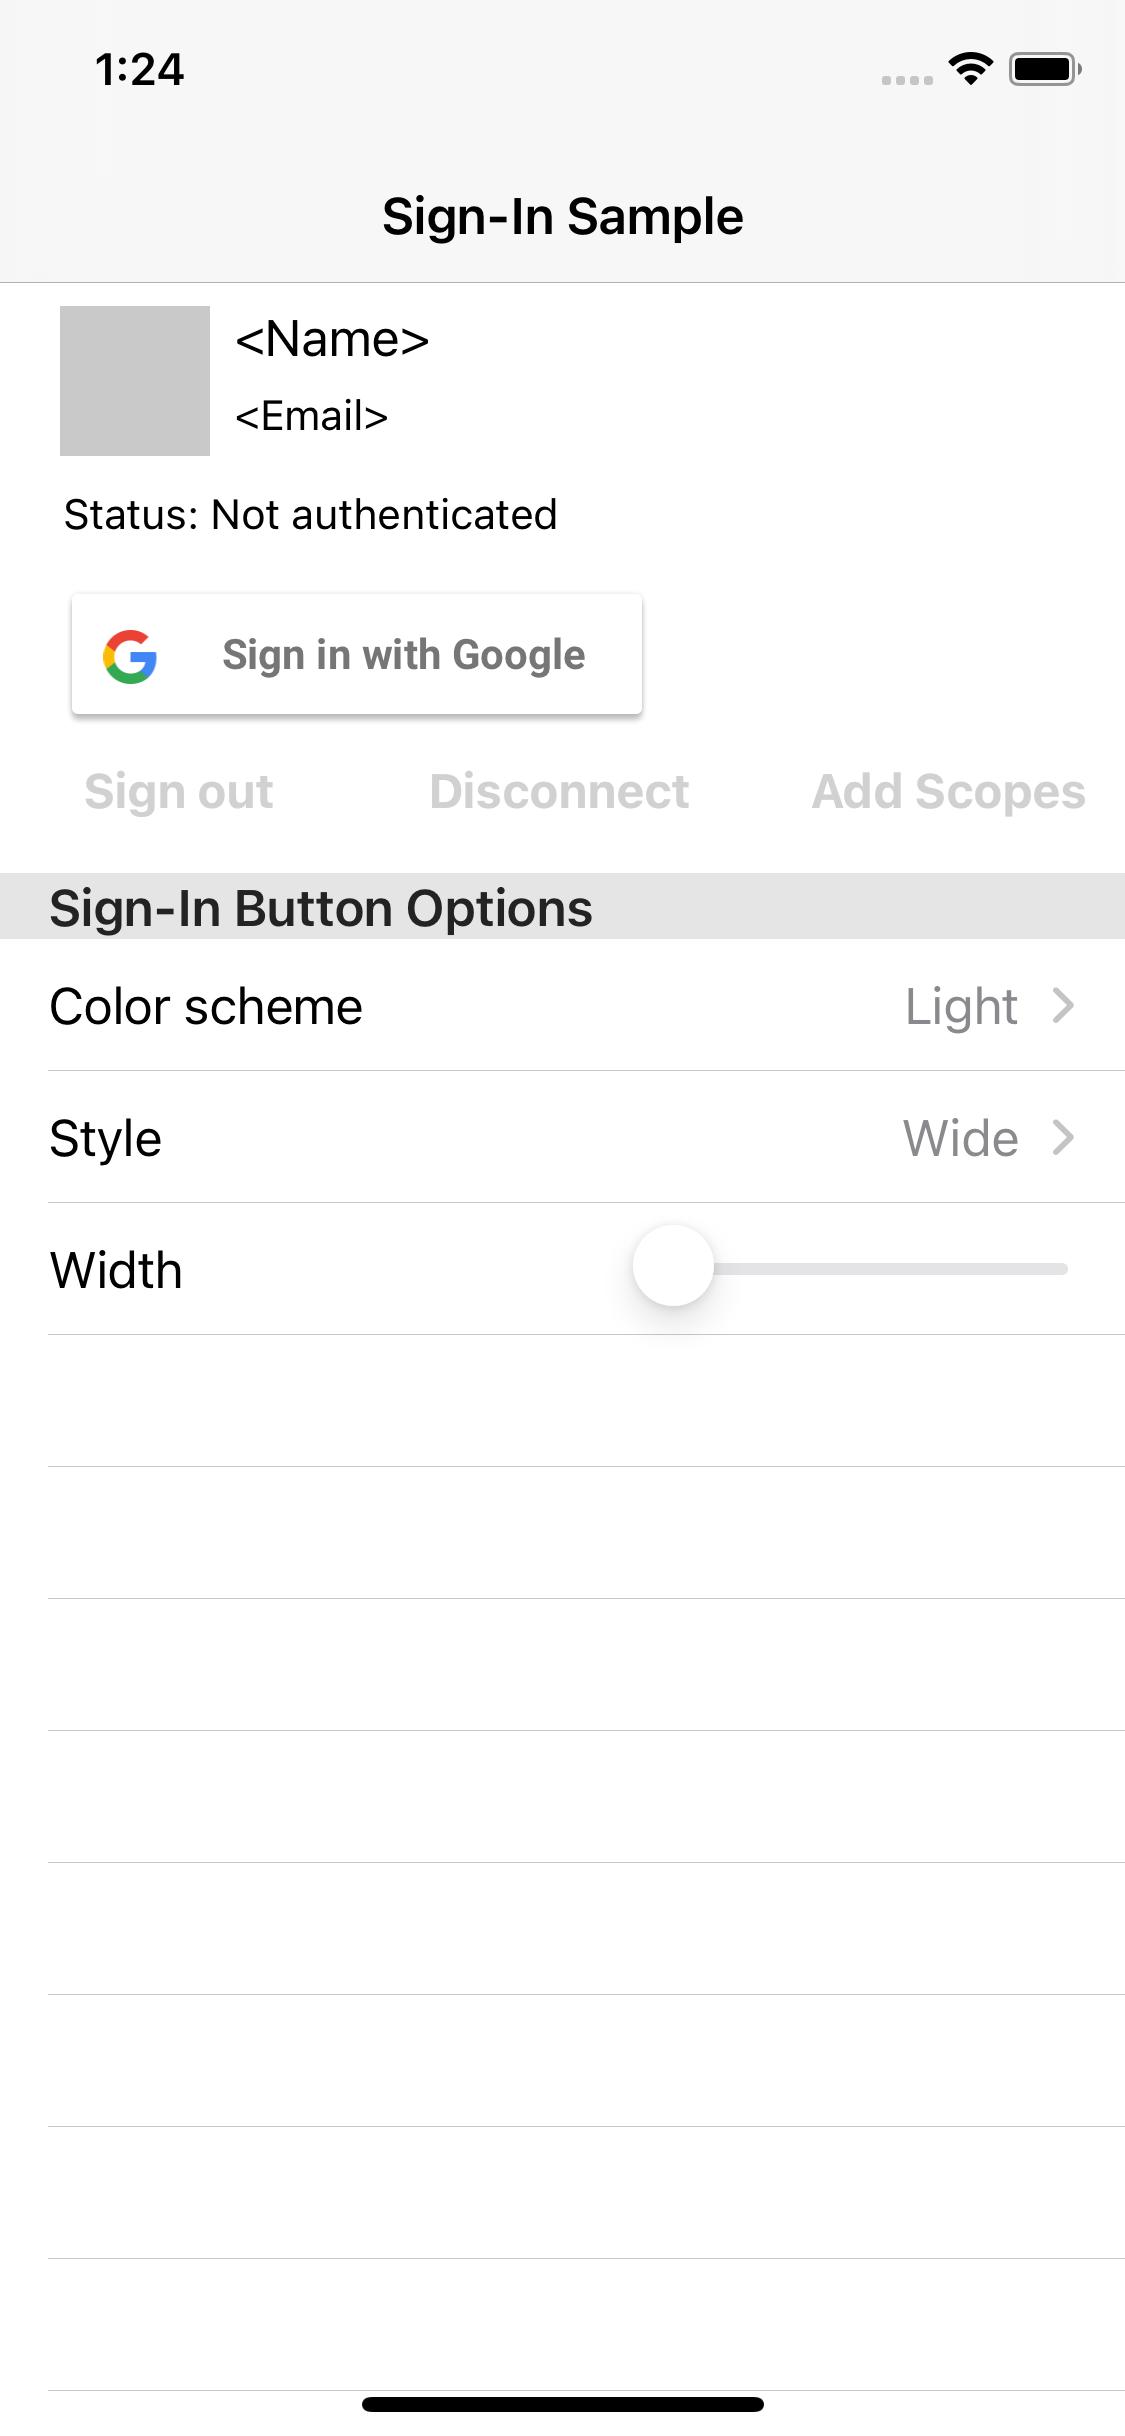 Captura de pantalla de la aplicación de muestra